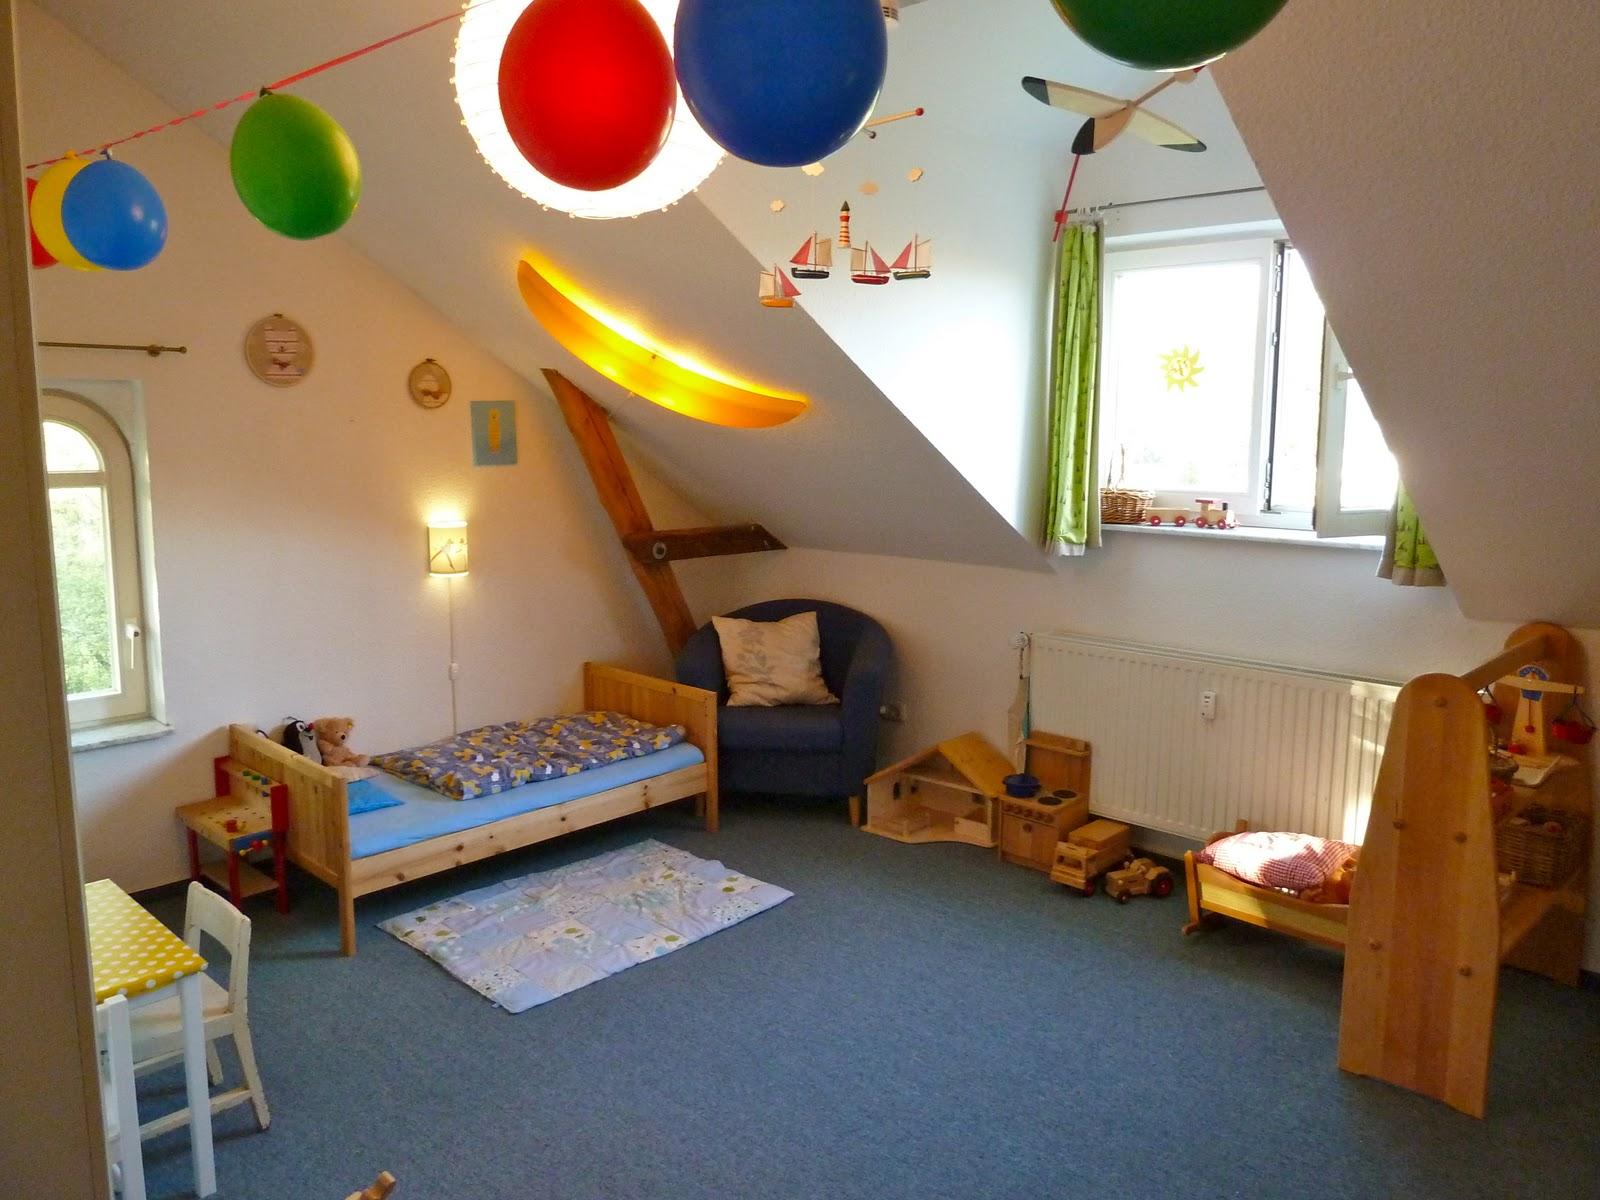 Kinderzimmer aufr umen tipps de haus for Kinderzimmer tipps